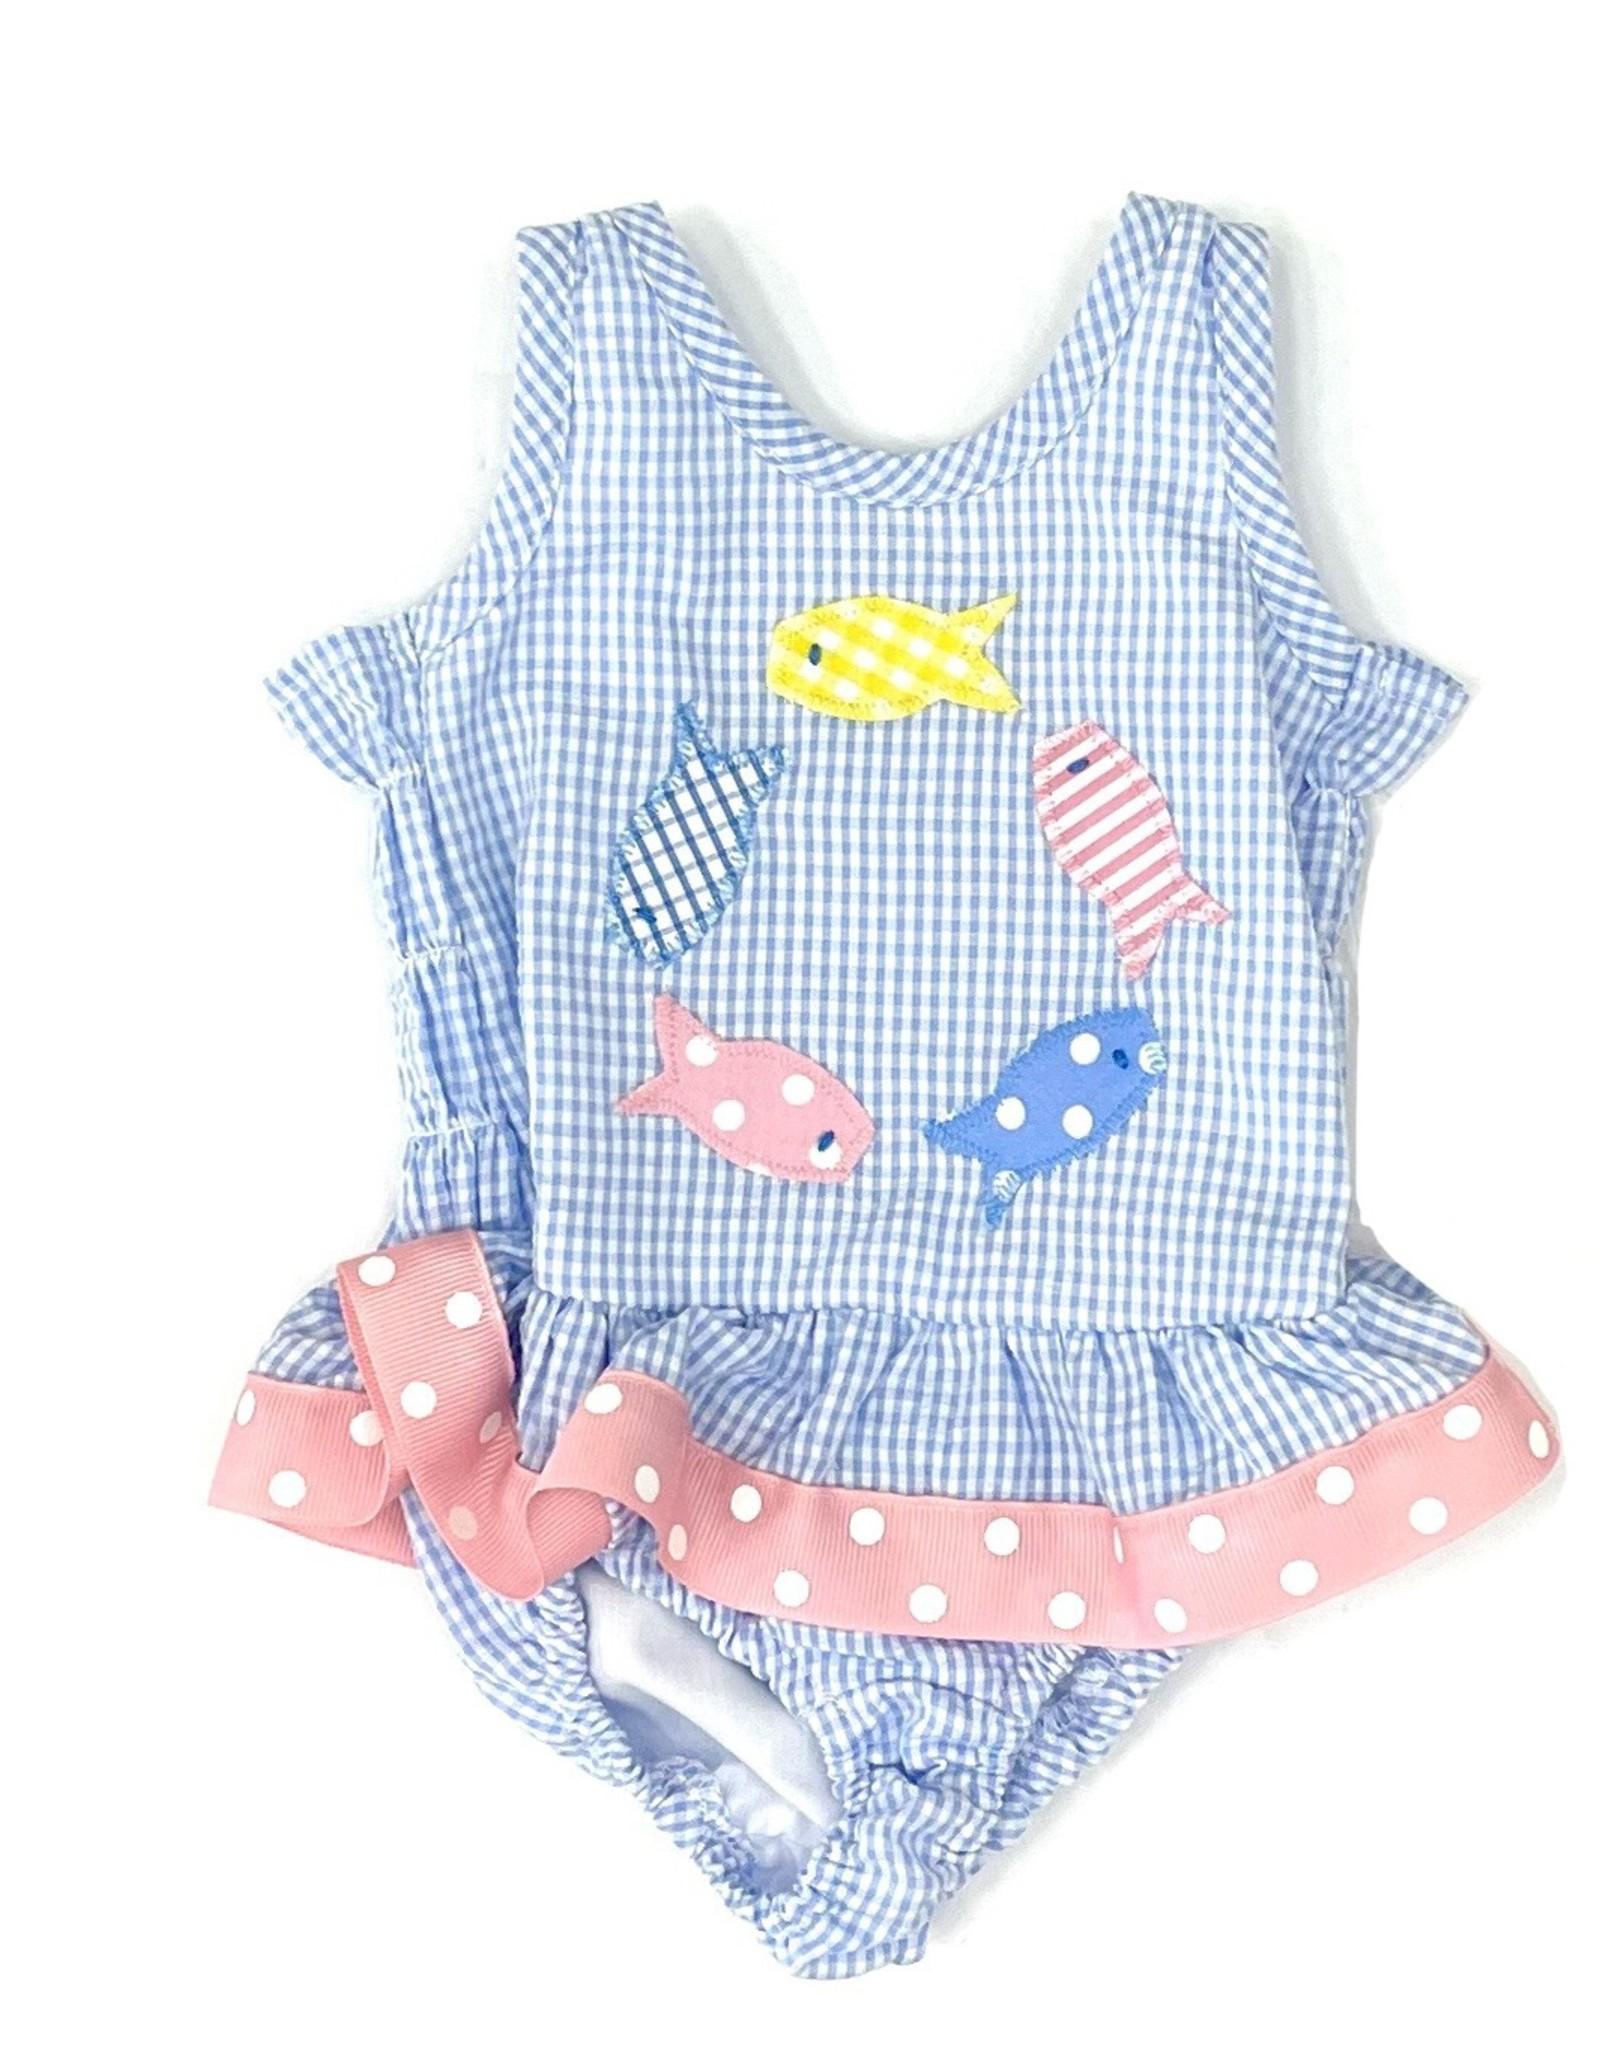 Funtasia Too Blue Fish One Piece Swim Suit